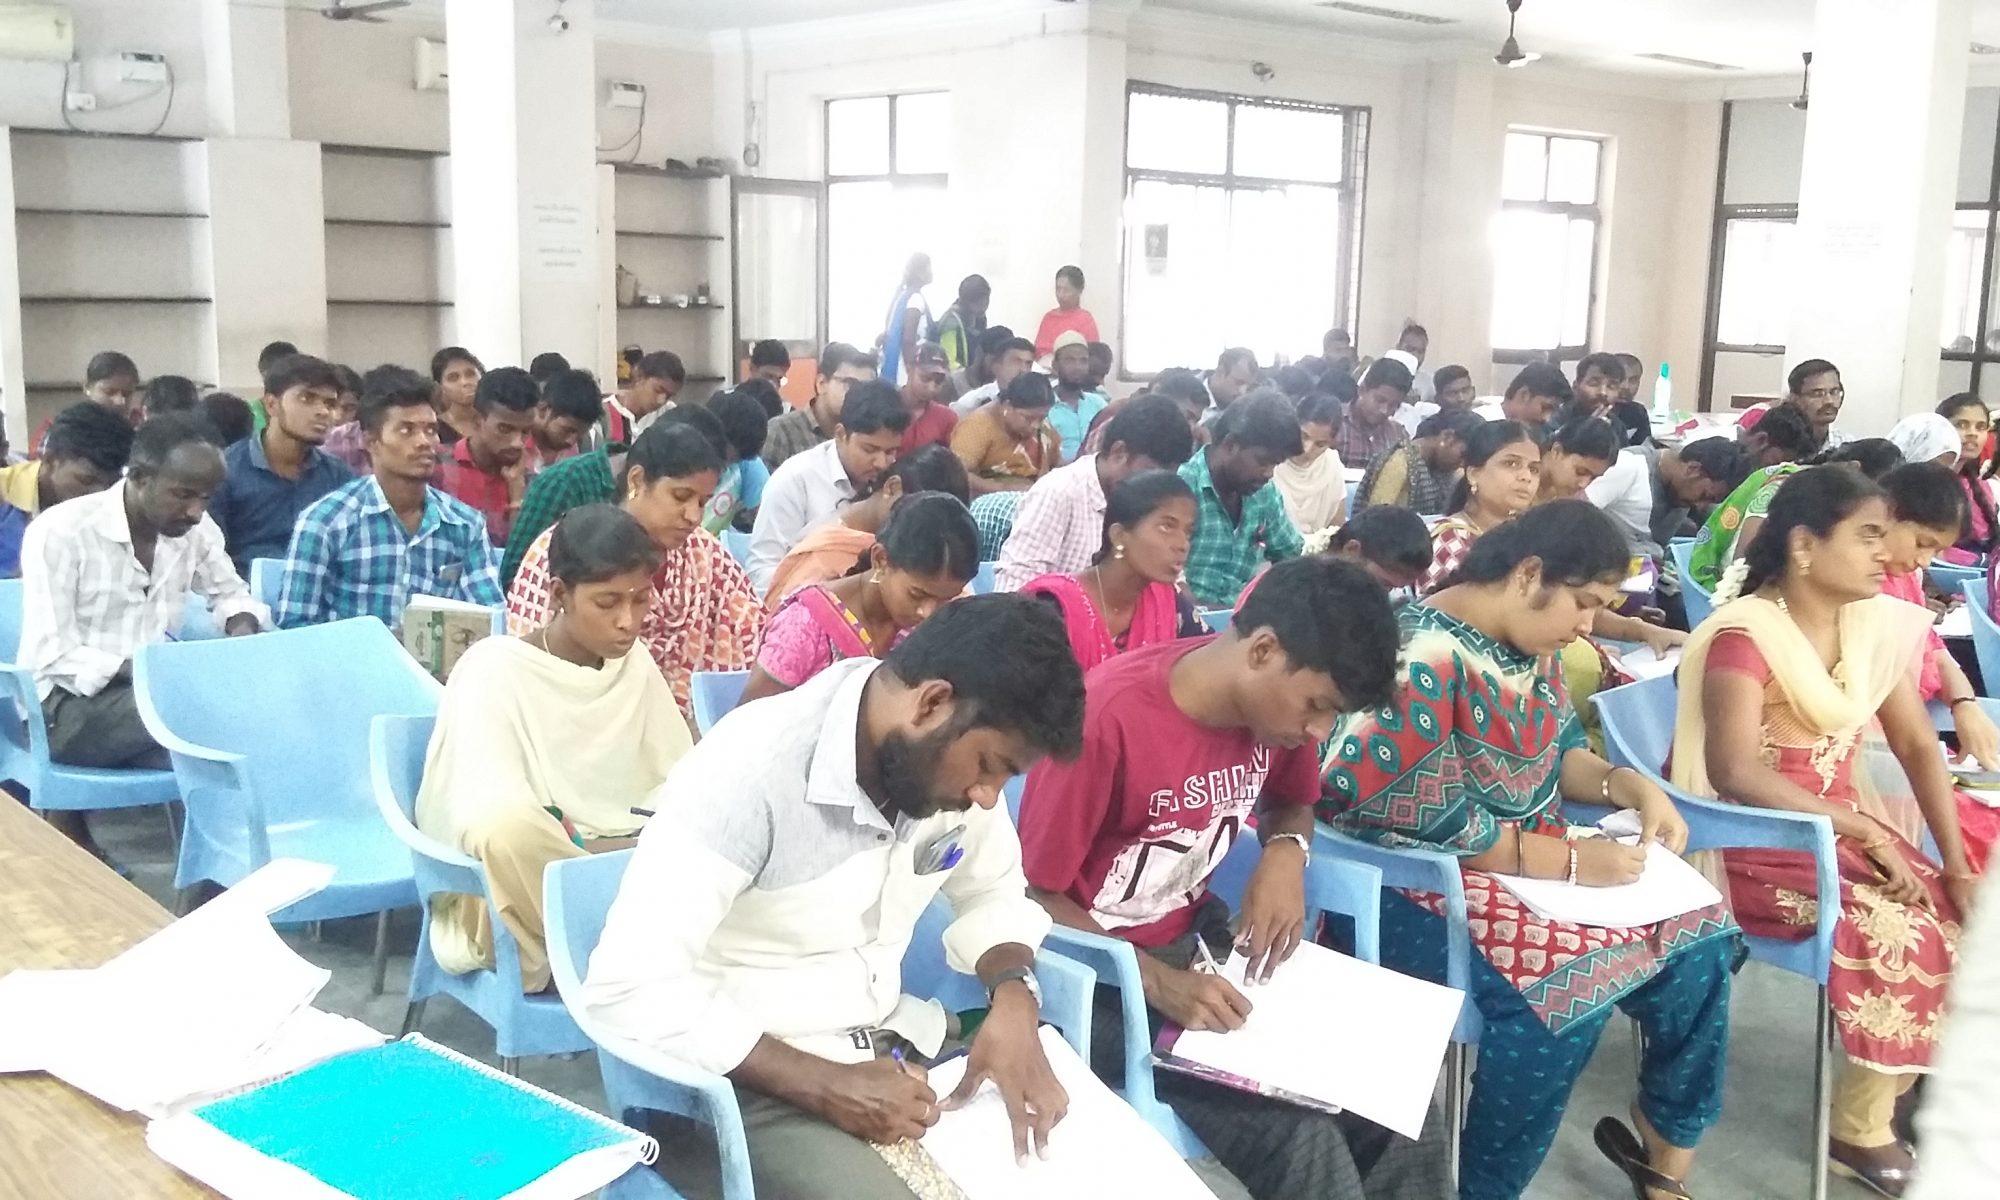 TNPSC-Group IV coaching class